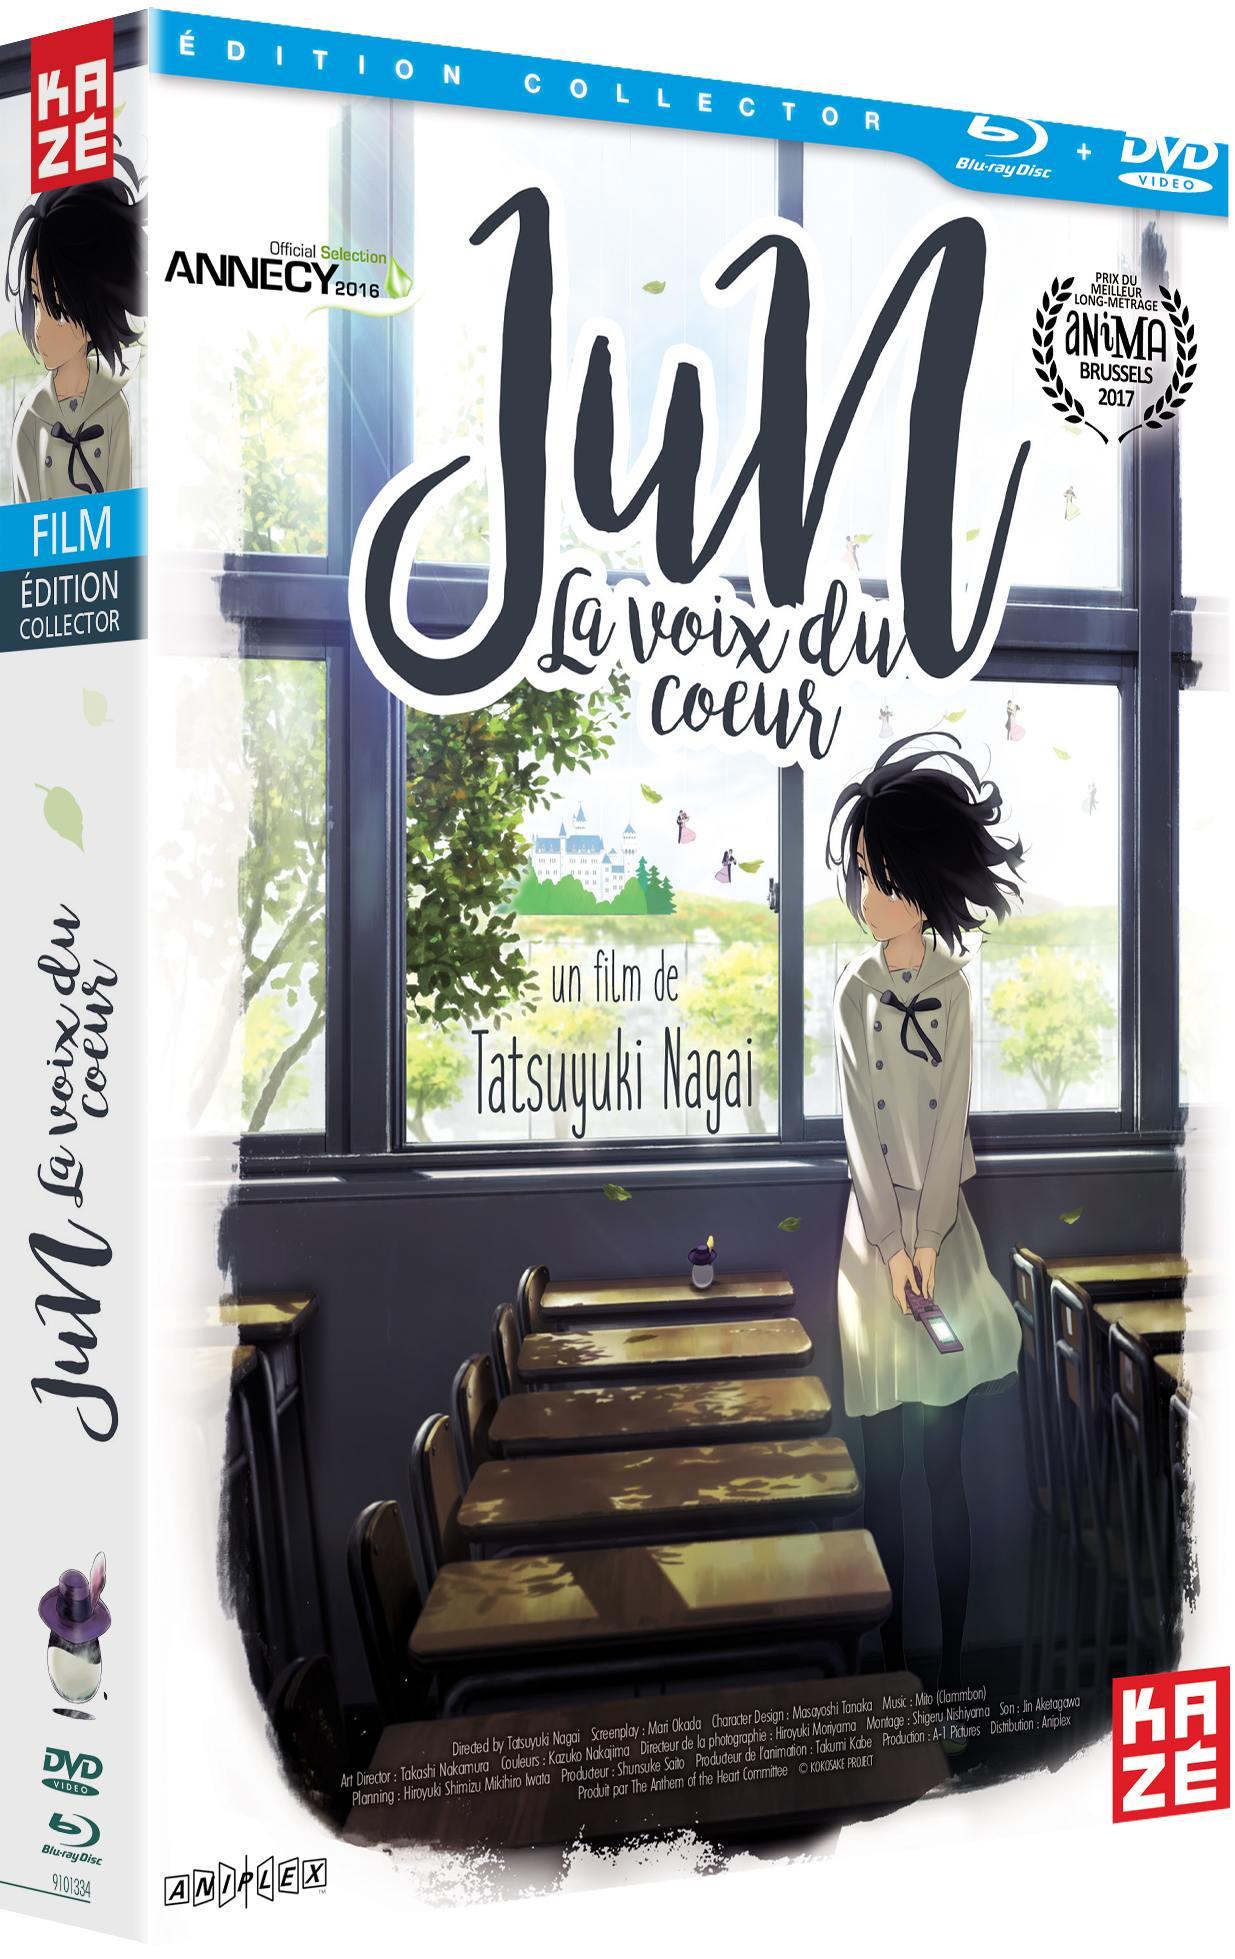 Jun - la voix du cŒur - coffret collector dvd + blu-ray